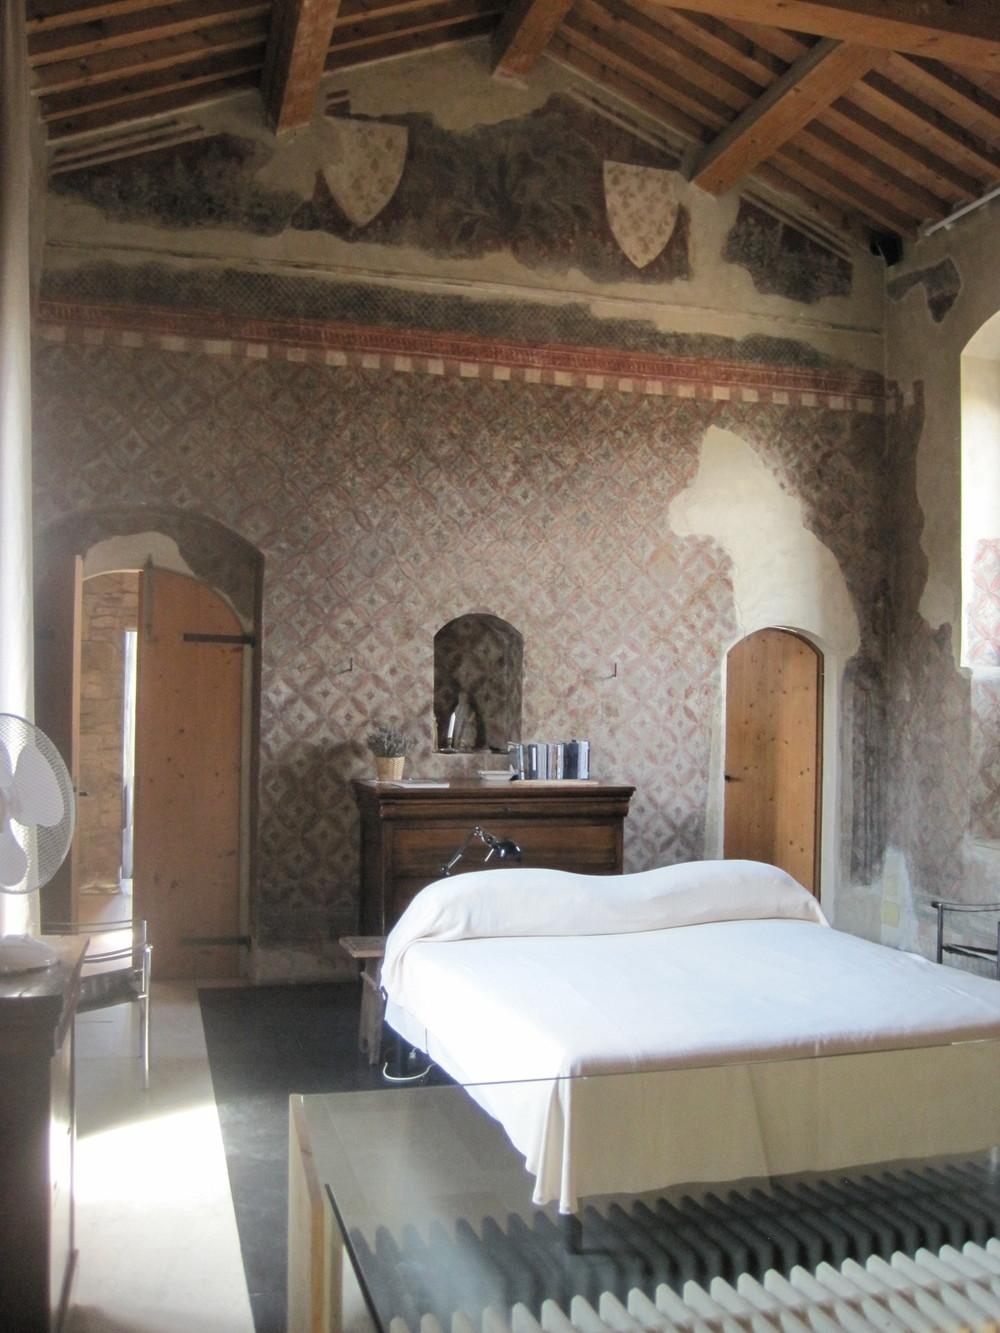 Frescos at Torre di Sopra